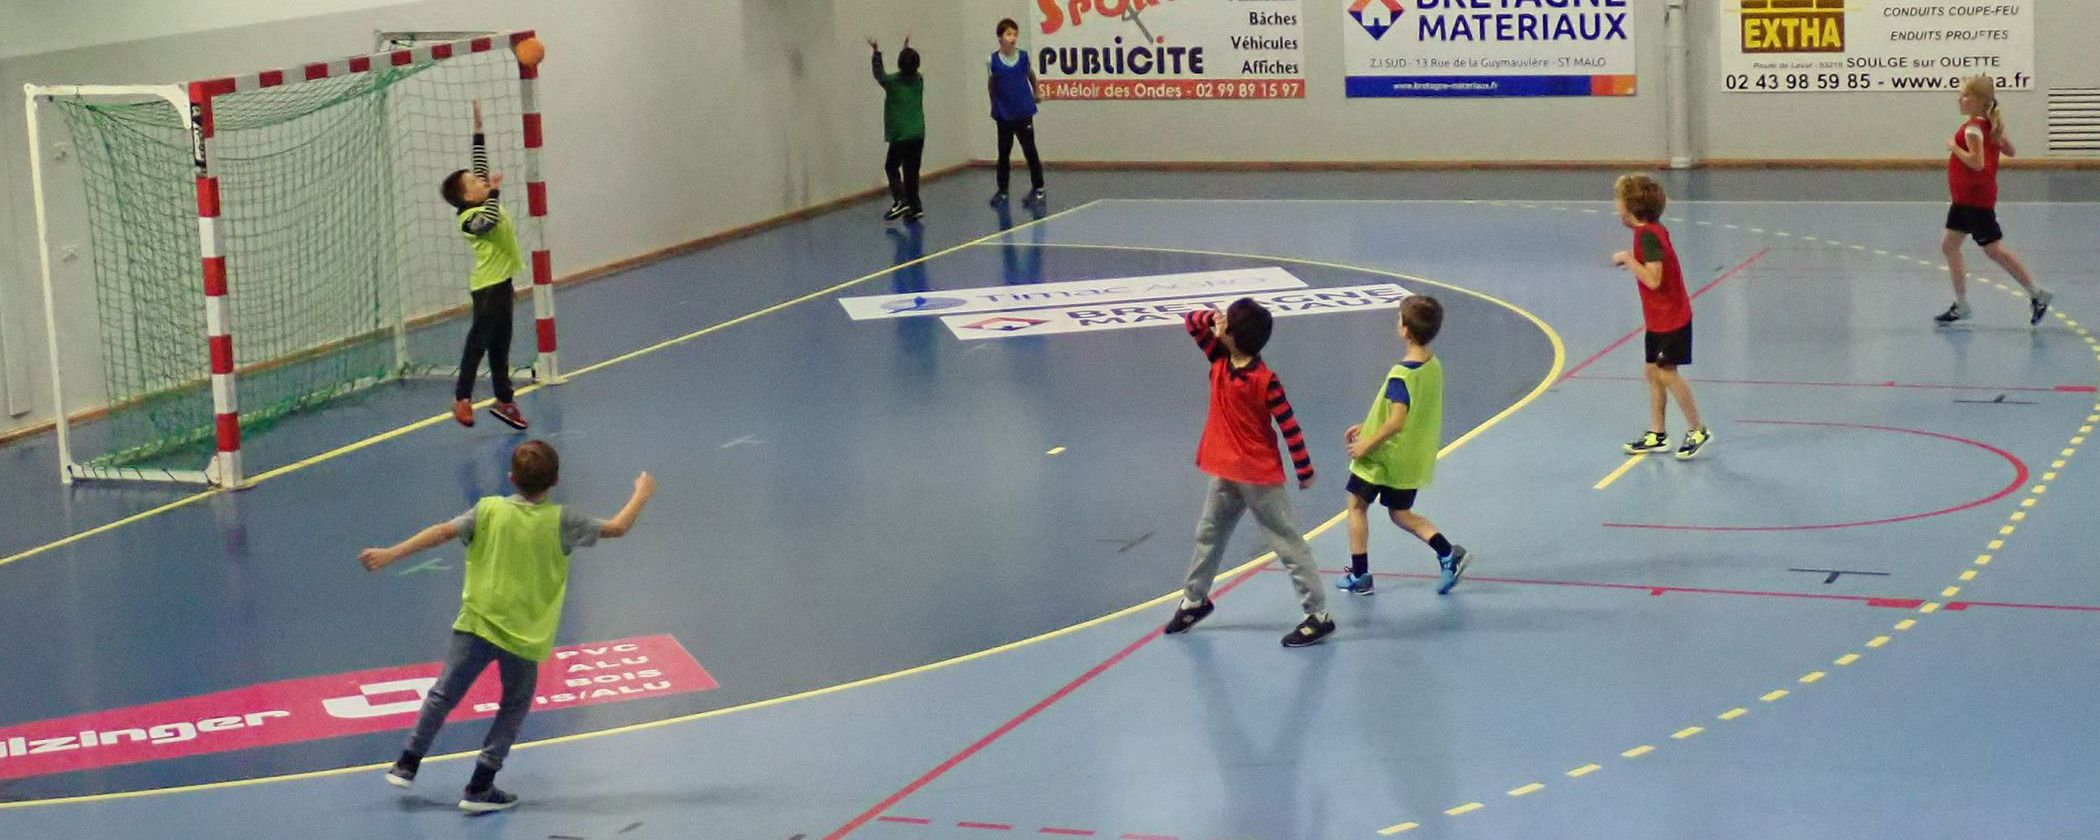 Handball OSEN Saint-Malo